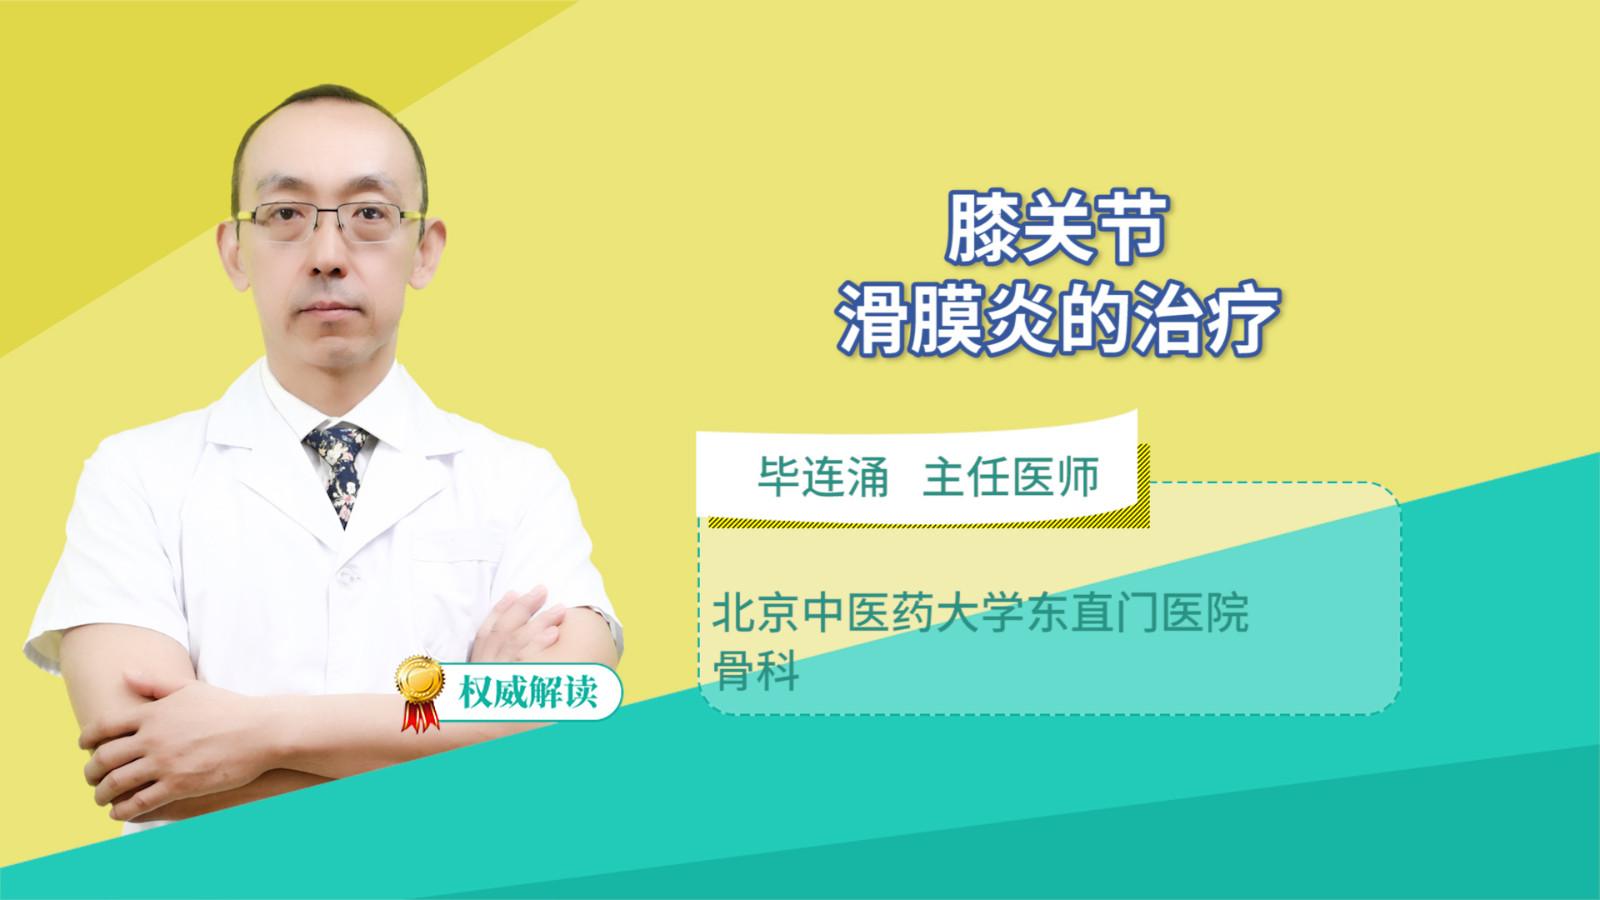 膝关节滑膜炎的治疗